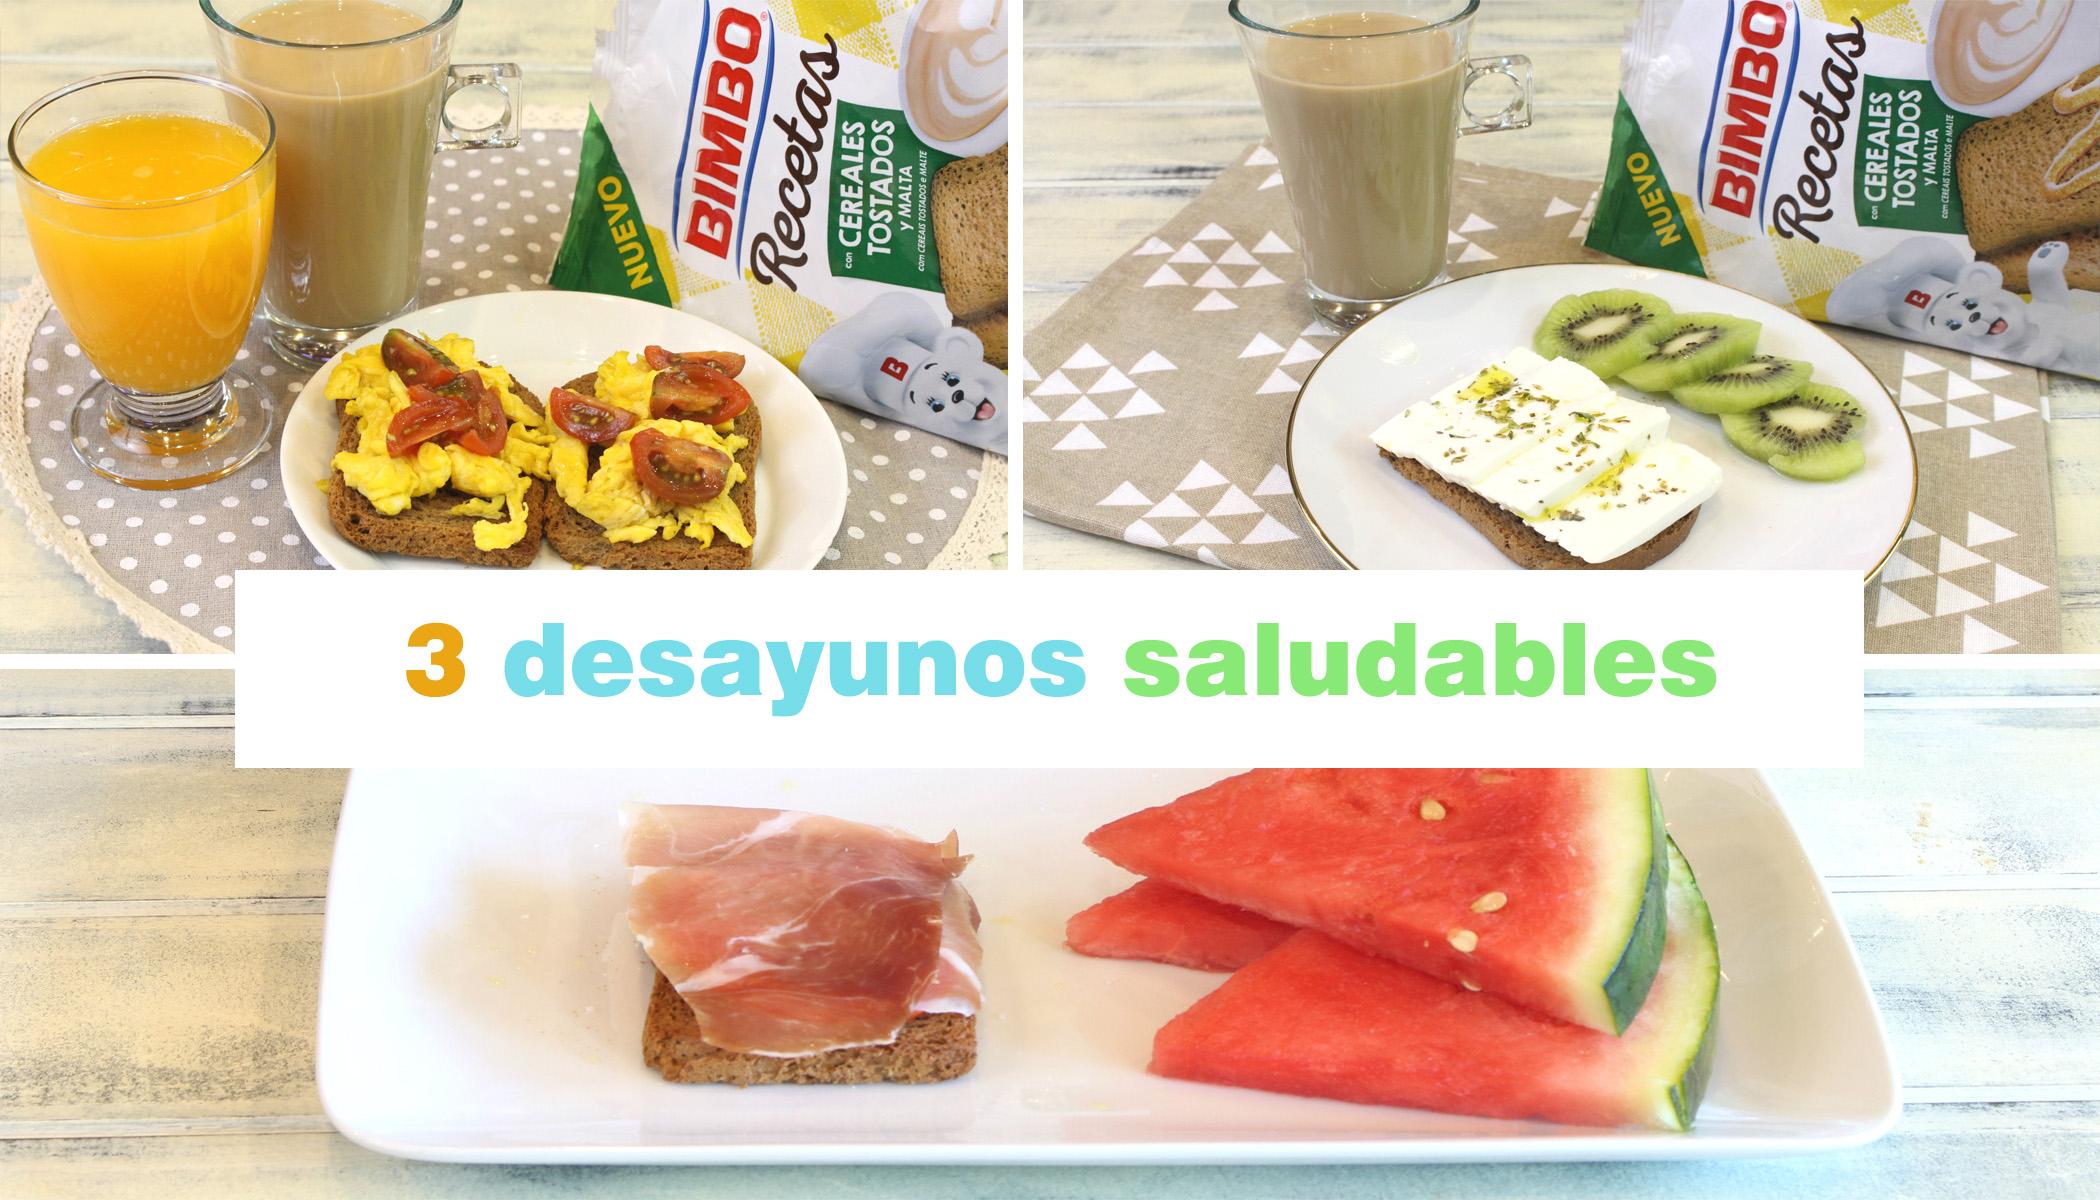 Receta de 3 desayunos saludables